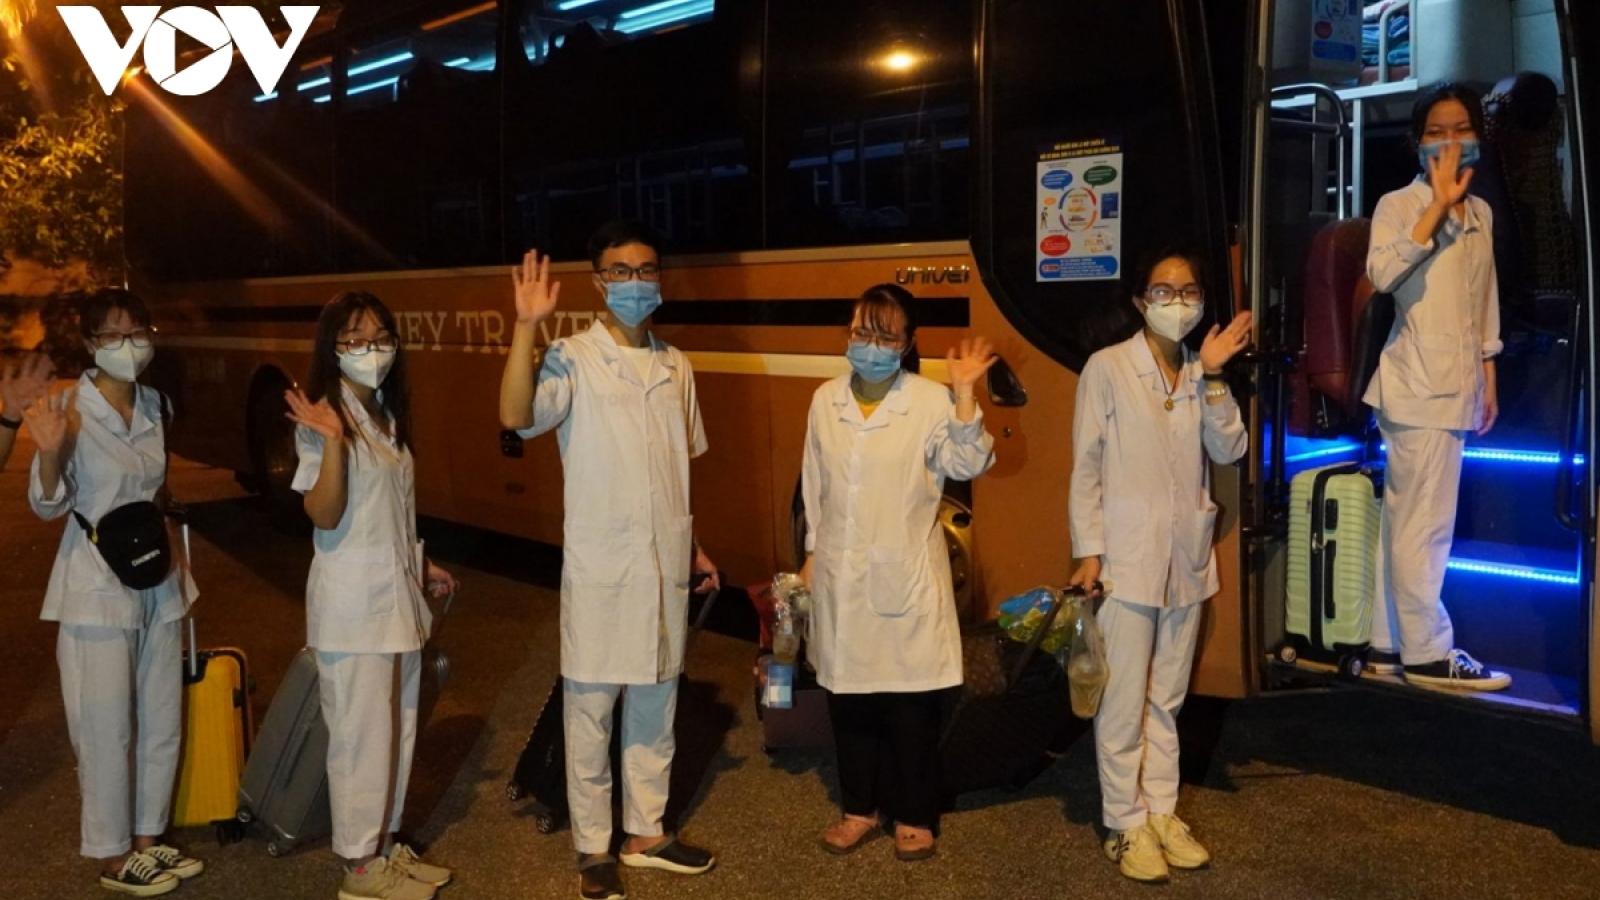 Sinh viên Hải Dương tình nguyện chống dịch tại TP.HCM: Rất cần trao đổi và cảm thông